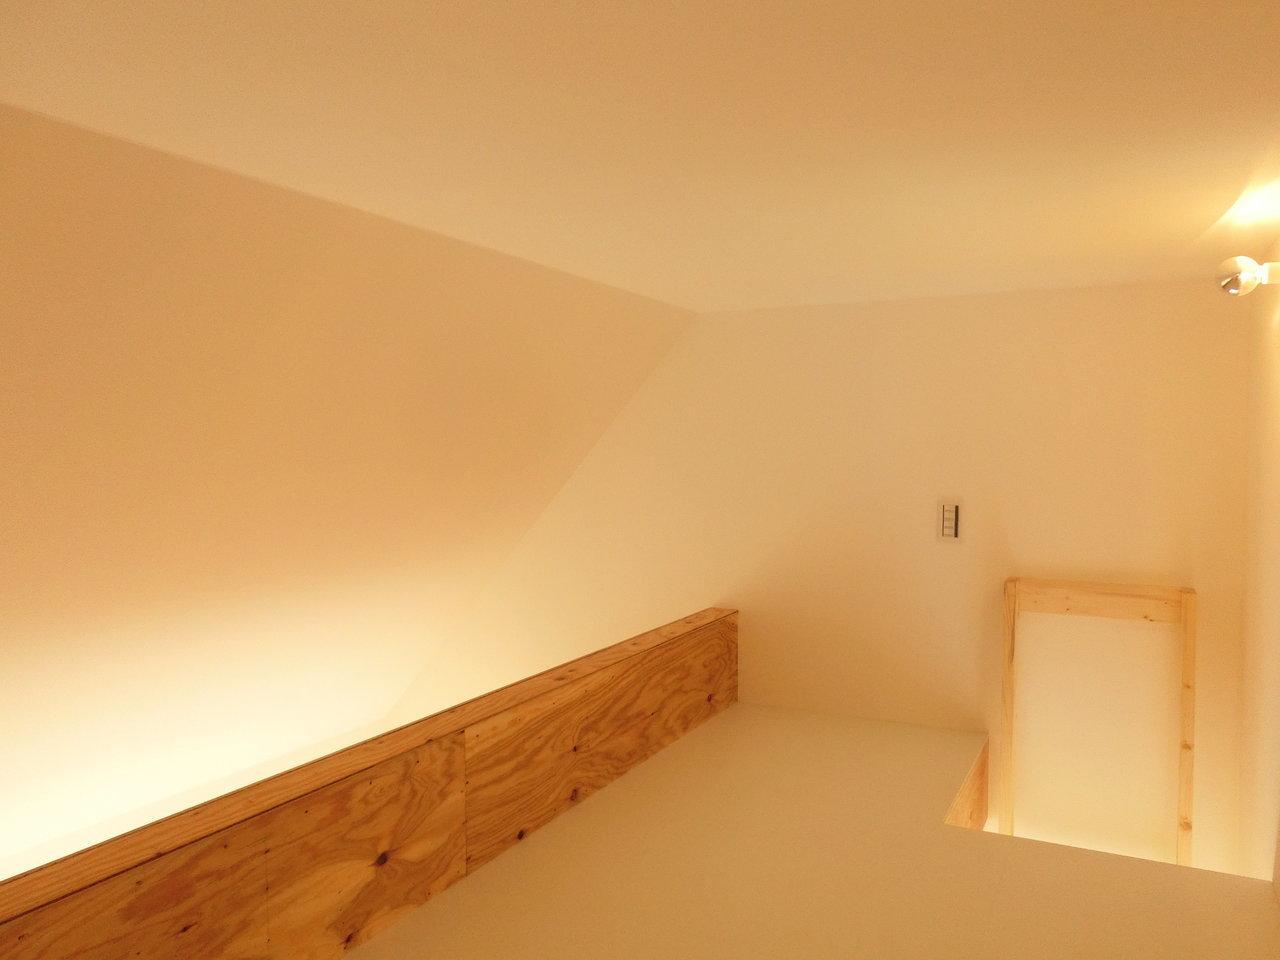 お部屋の端にあるはしごを上がると、ロフトがあります。本をたくさん置いて、寝室兼読書スペースにしたいなぁ。